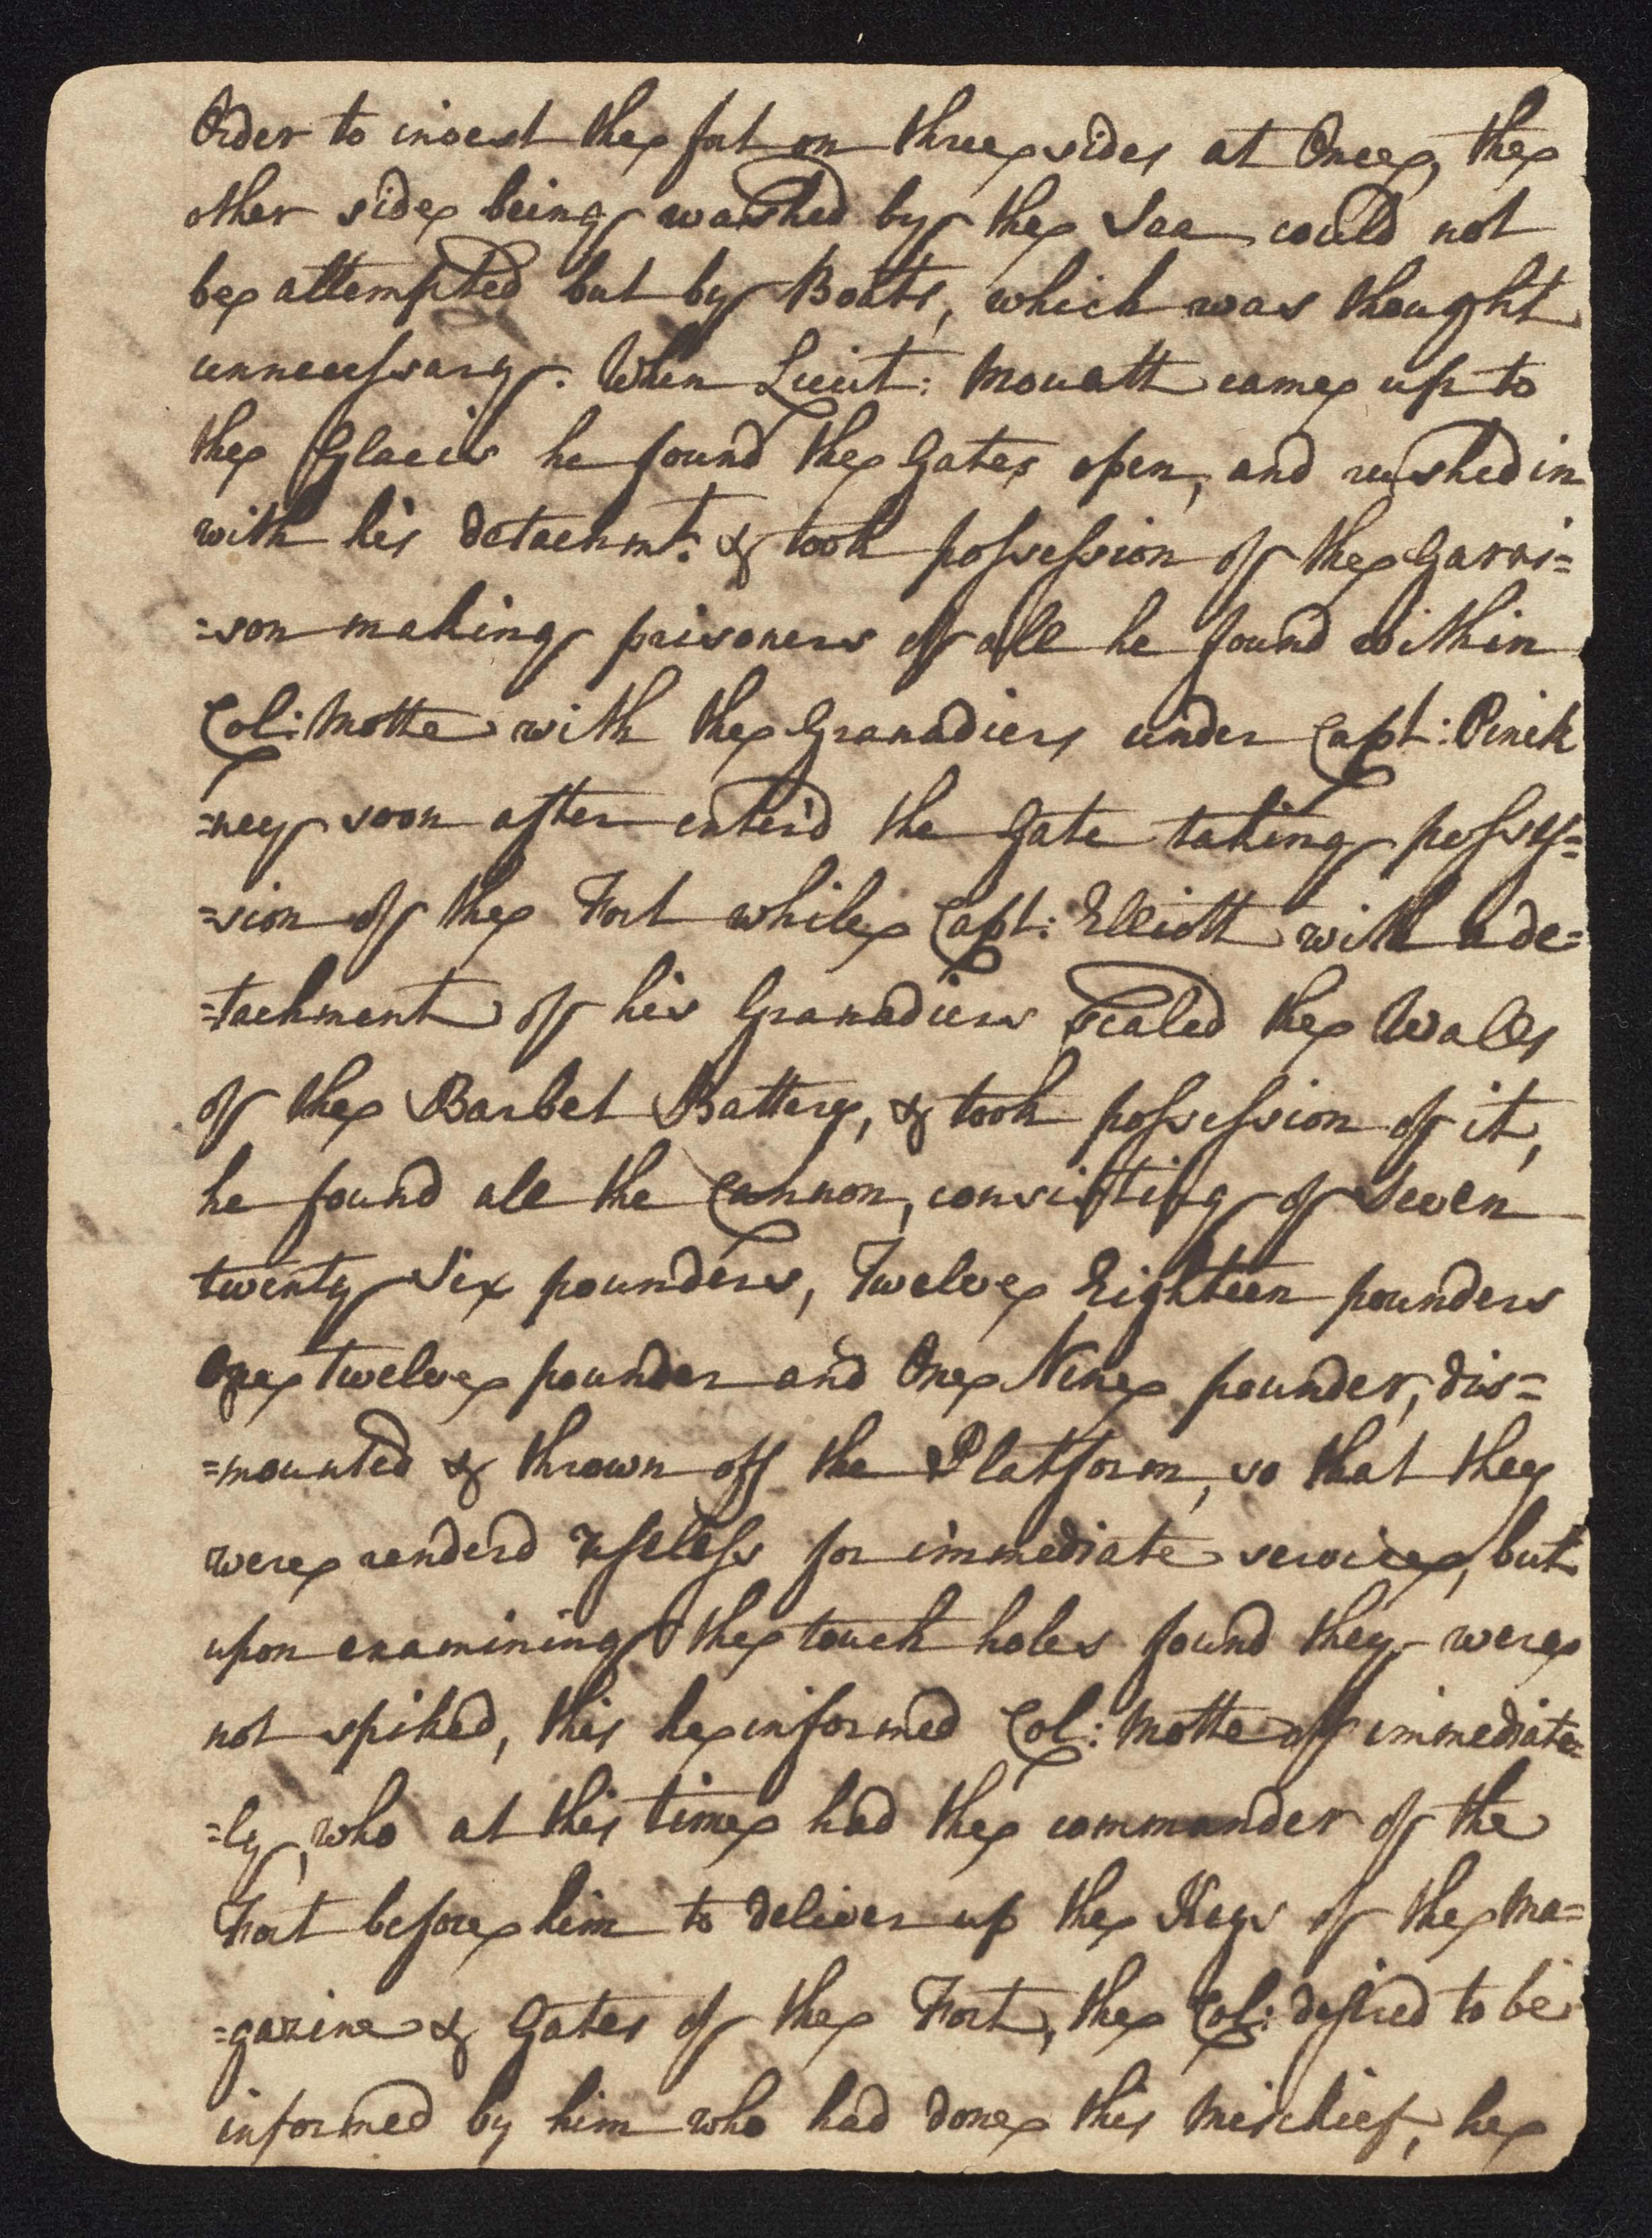 South Carolina Regiment Order Book, Page 16